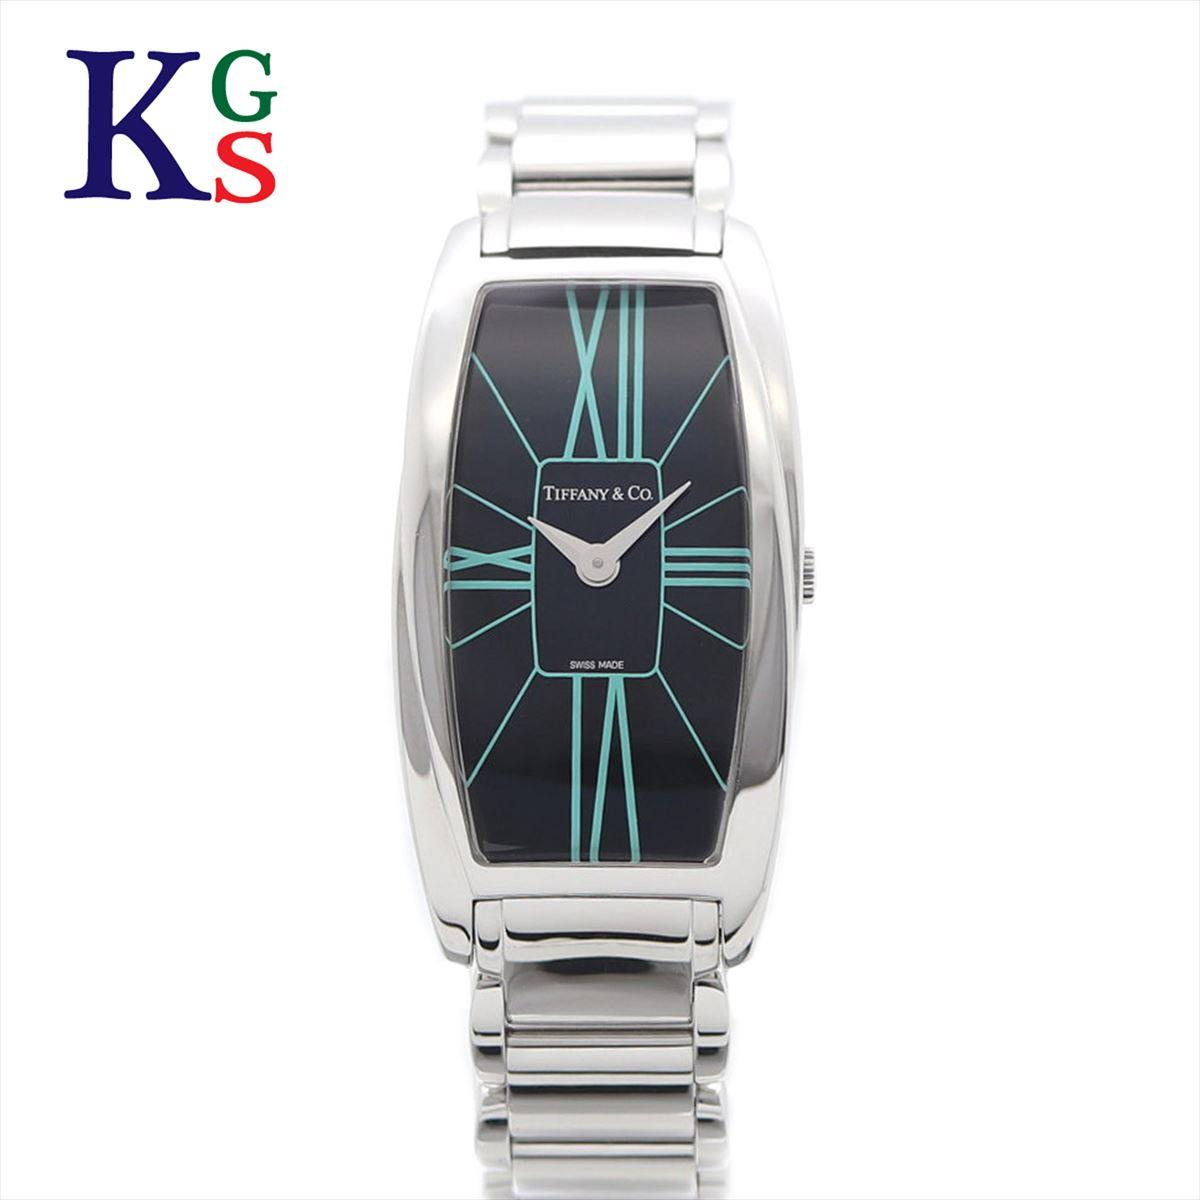 【ギフト品質】ティファニー/Tiffany&co レディース 腕時計 ジェメア クオーツ ステンレススチール ブラック文字盤 Z6401.10.10A19A00A